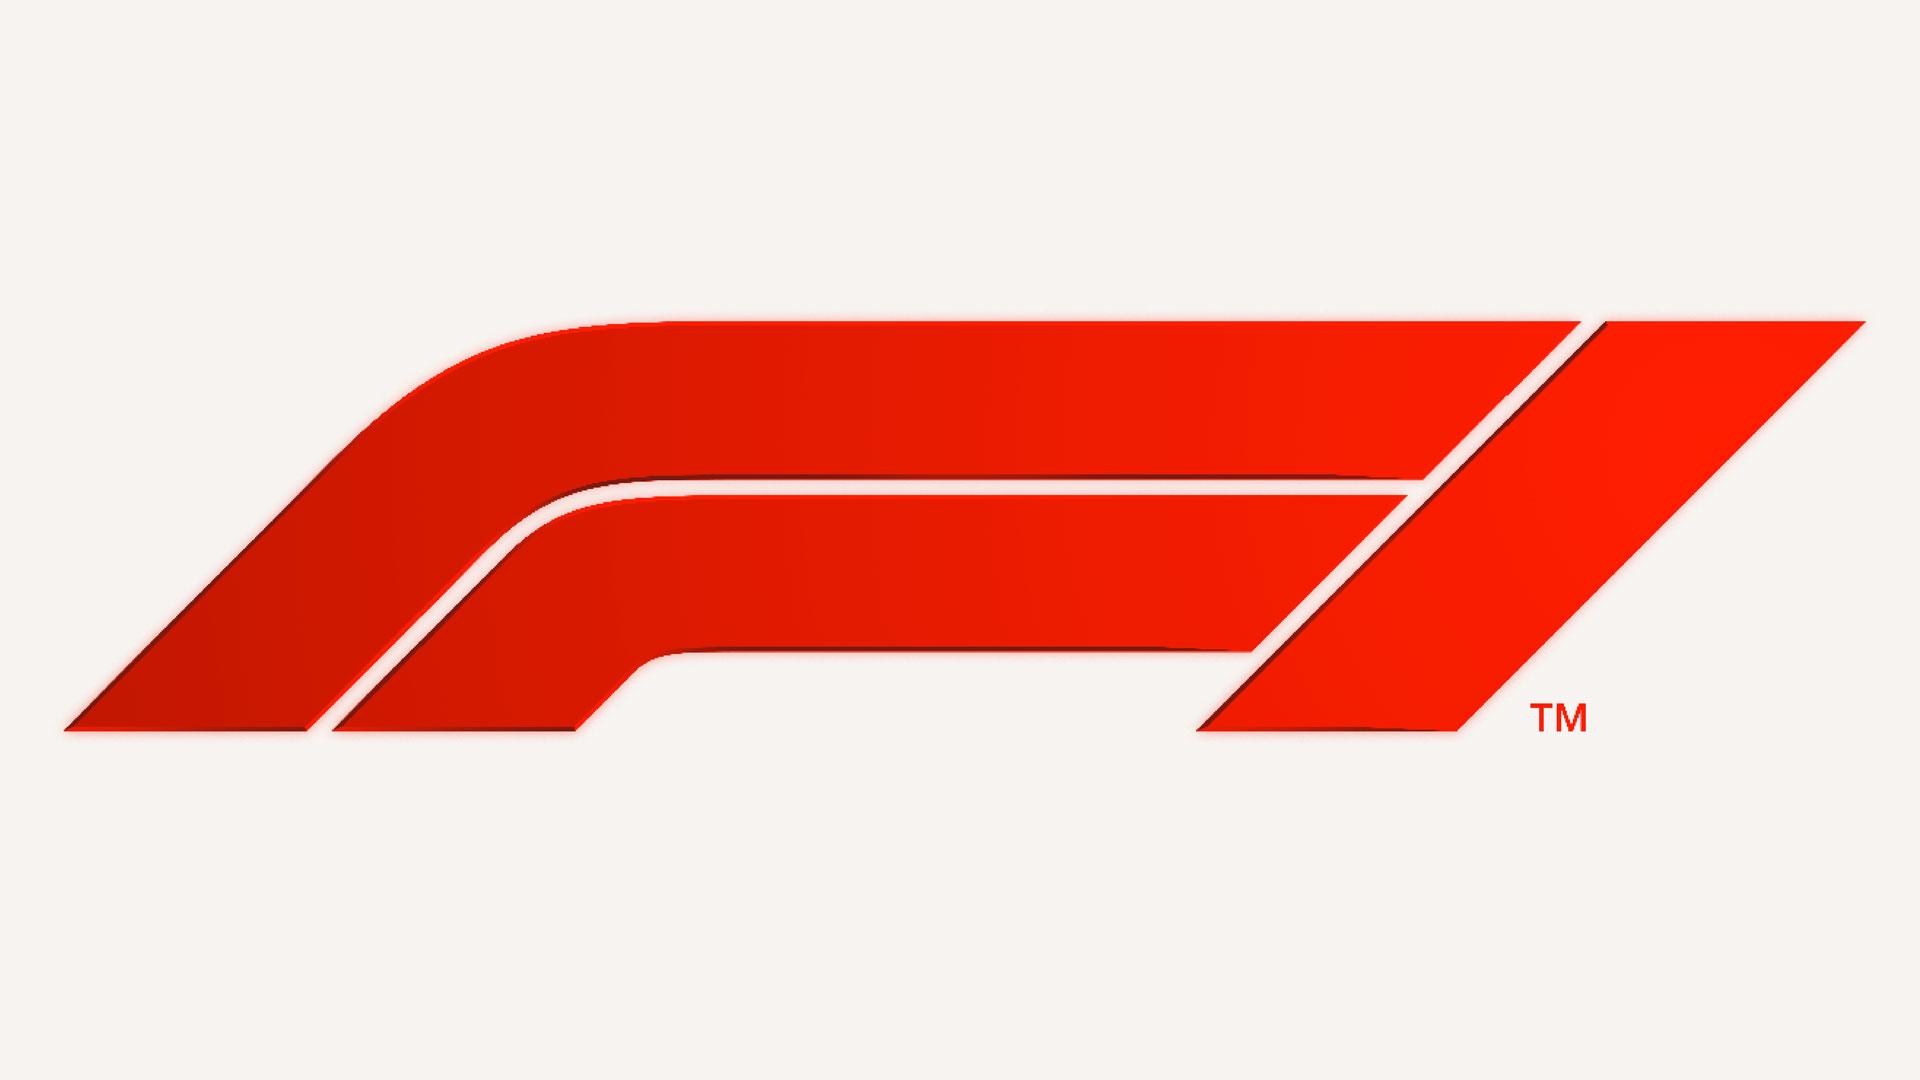 La F1 TV emitirá las pruebas de invierno 2019